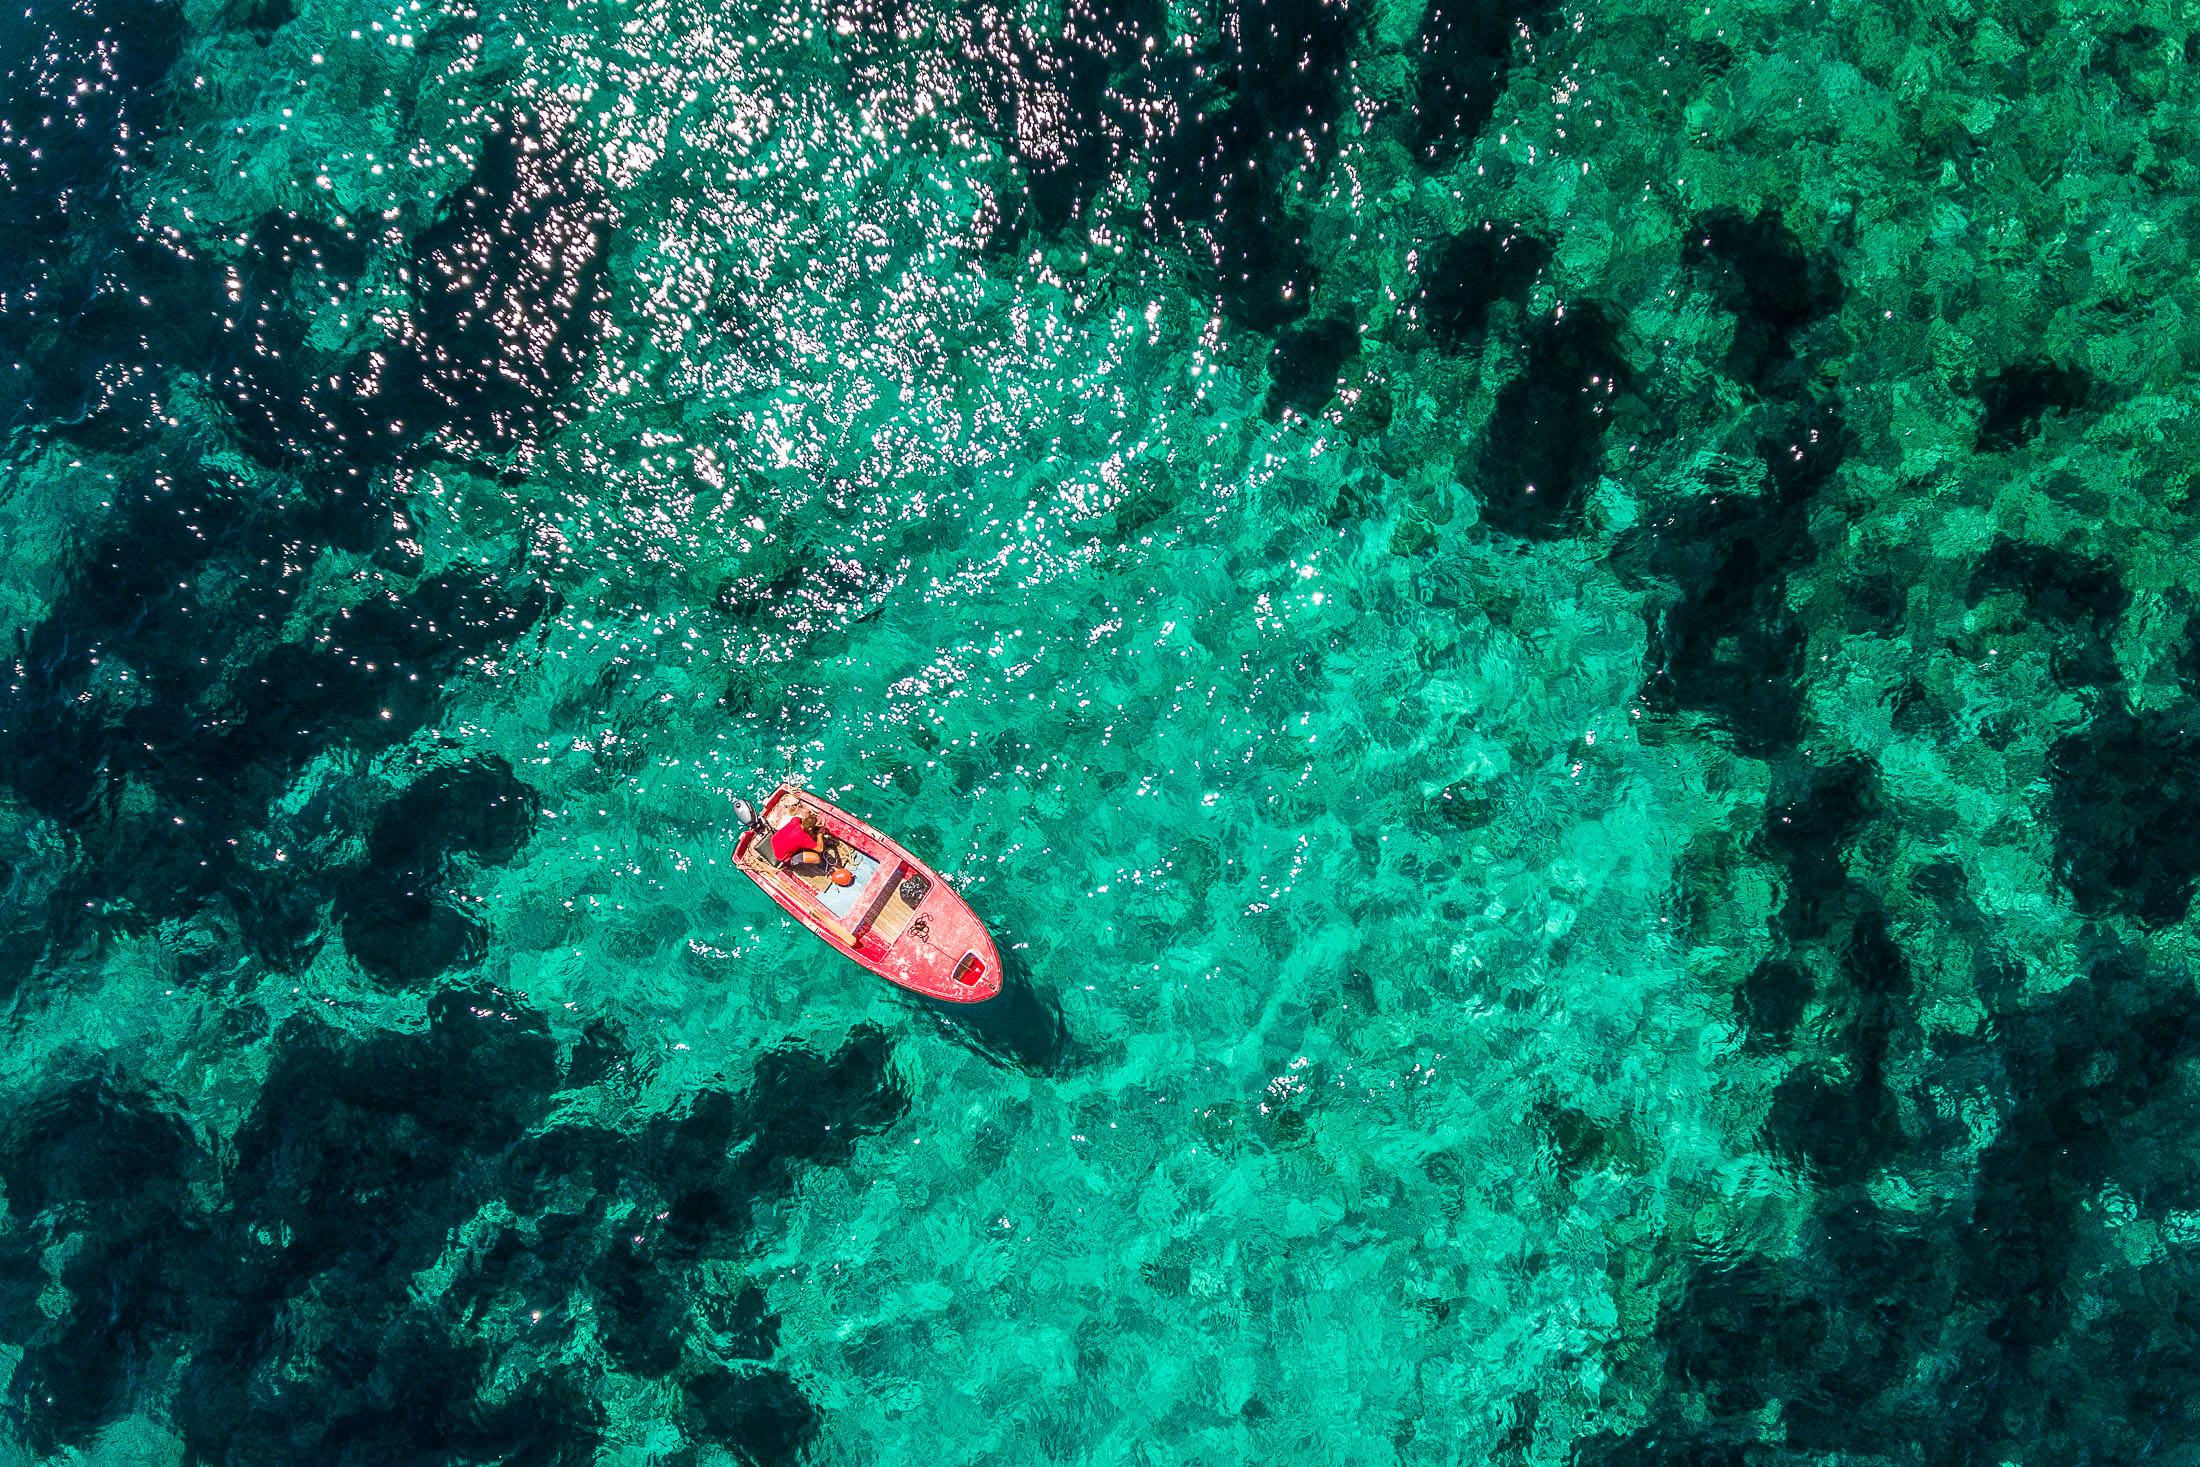 Fisherman, Croatia